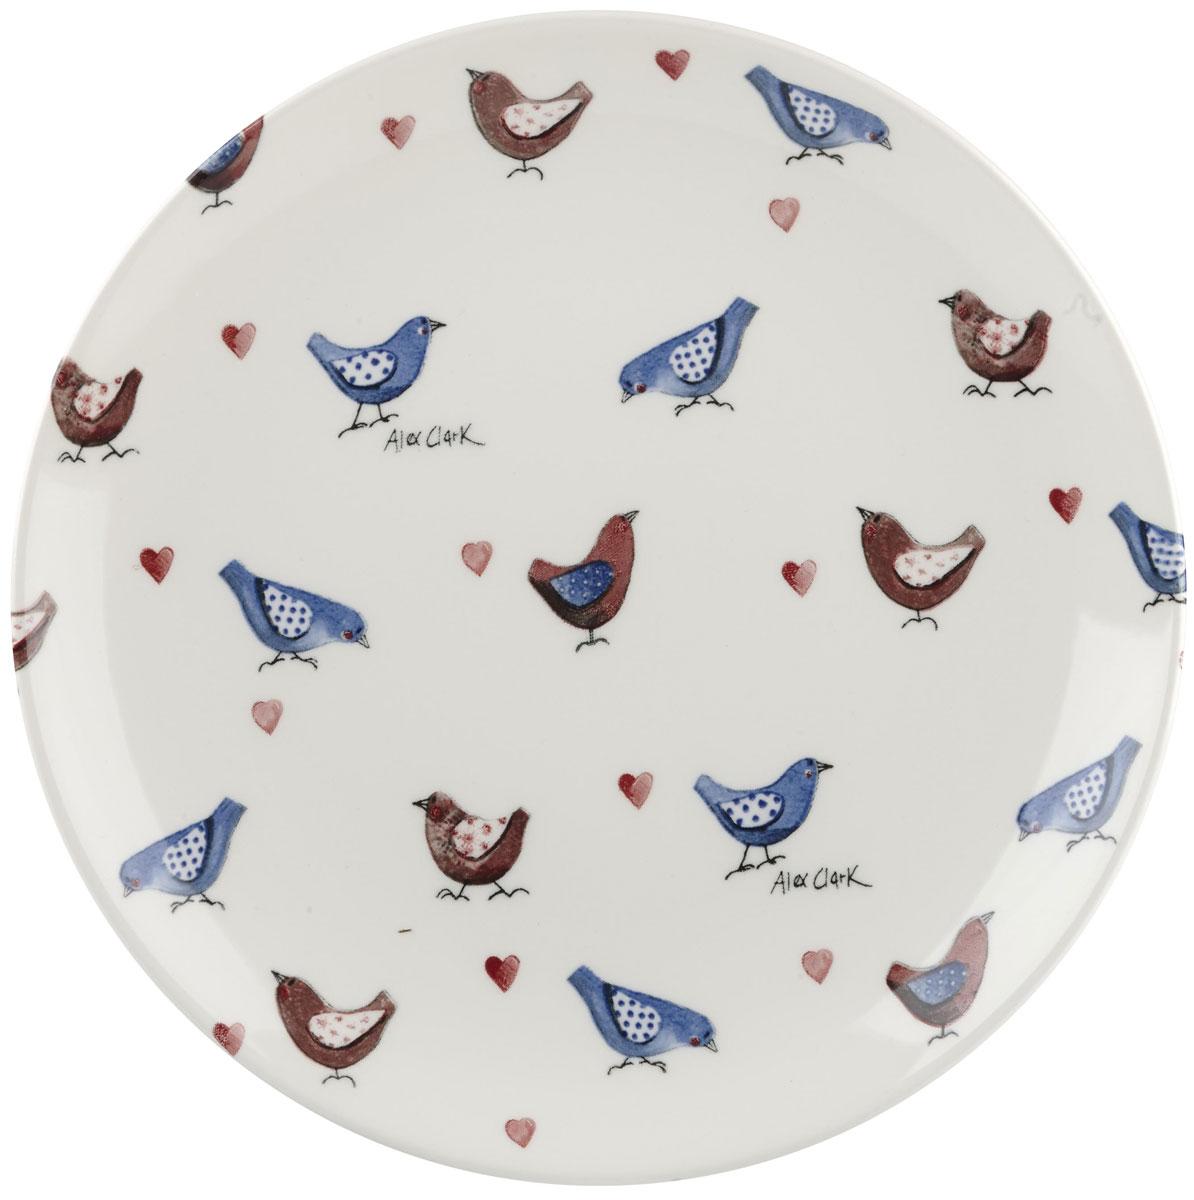 Тарелка Churchill, диаметр 20 см. ACLB00021ACLB00021Коллекция Птички - уникальное сочетание живой природы и прекрасные воспоминания из детства. Легкий и простой дизайн с пастельными красками идеально подойдет для любой кухни.